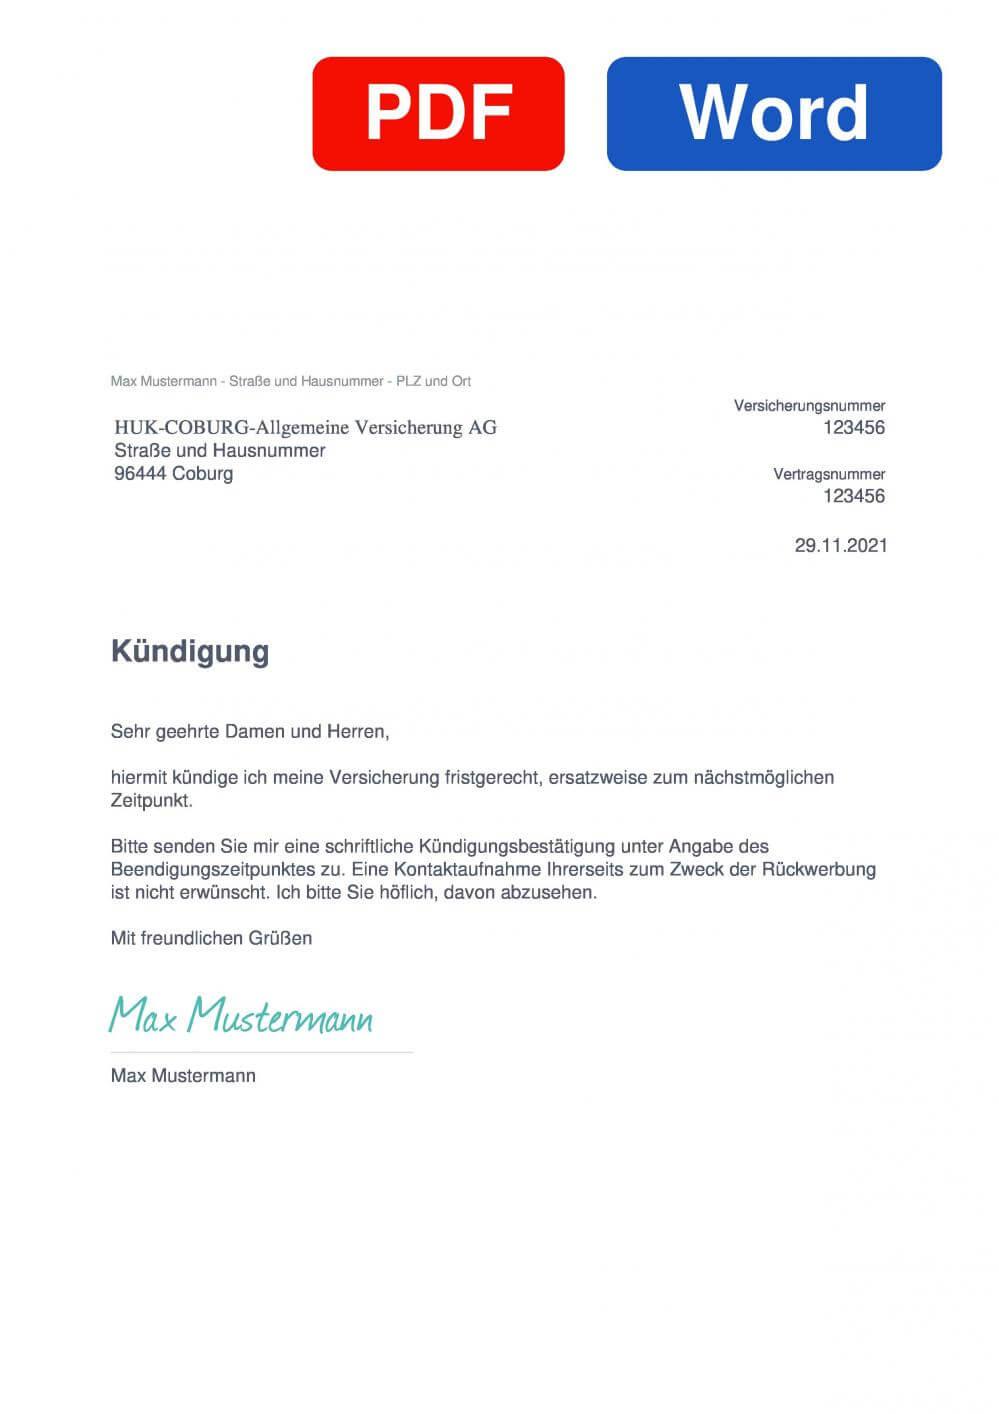 HUK Coburg Tierhalterhaftpflicht Muster Vorlage für Kündigungsschreiben